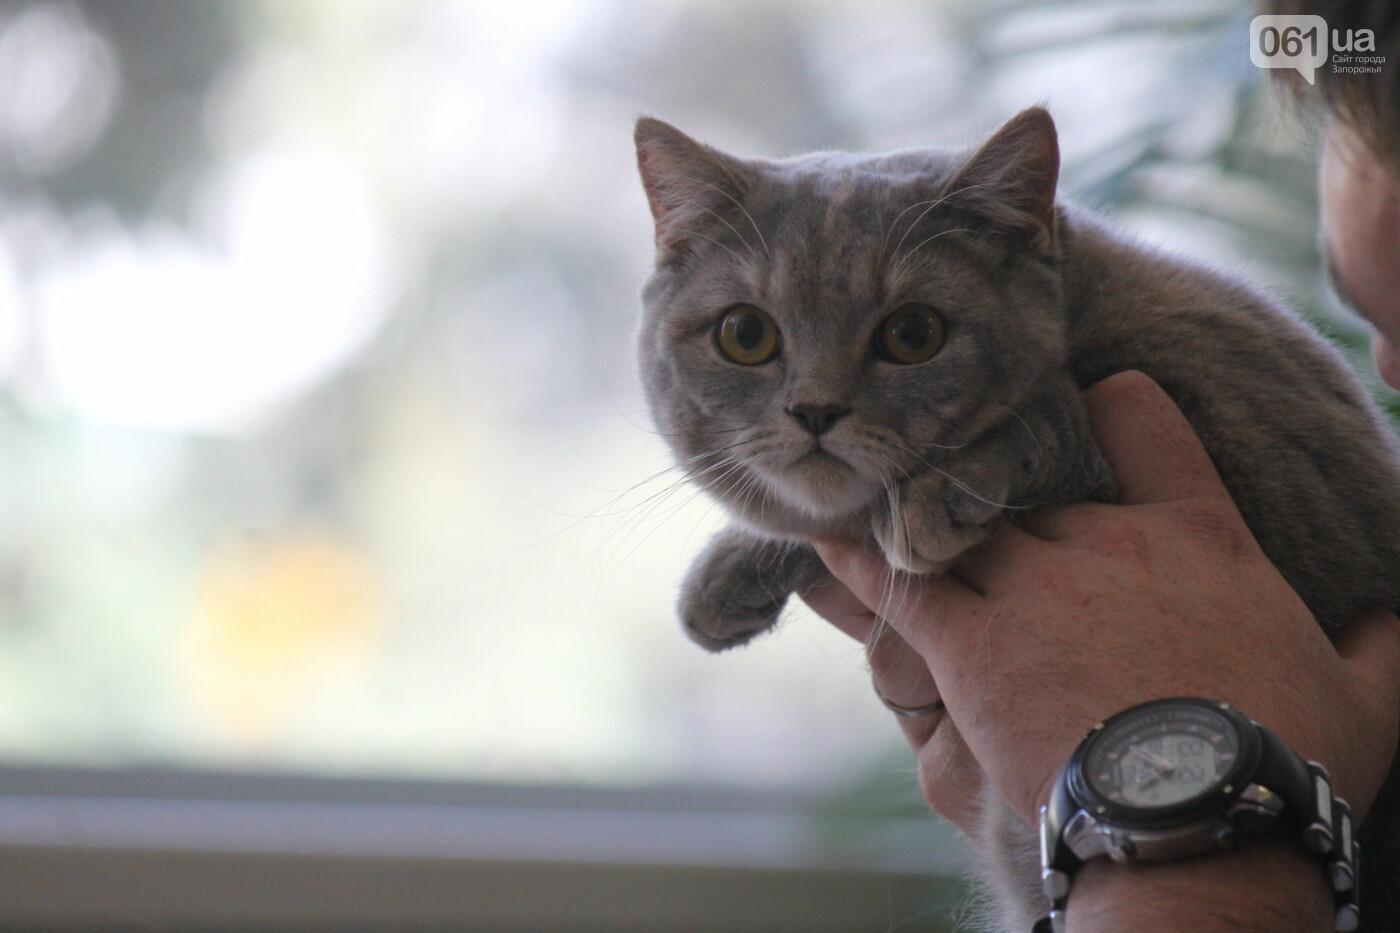 В Запорожье на выставке кошек показали 130 питомцев со всей Украины, – ФОТОРЕПОРТАЖ, фото-16